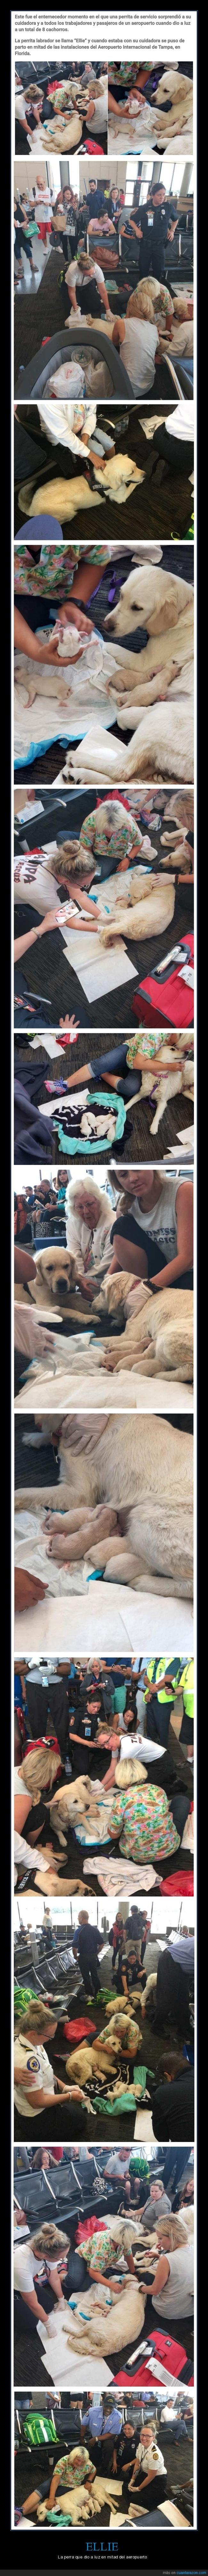 aeropuerto,dar a luz,perra,perros